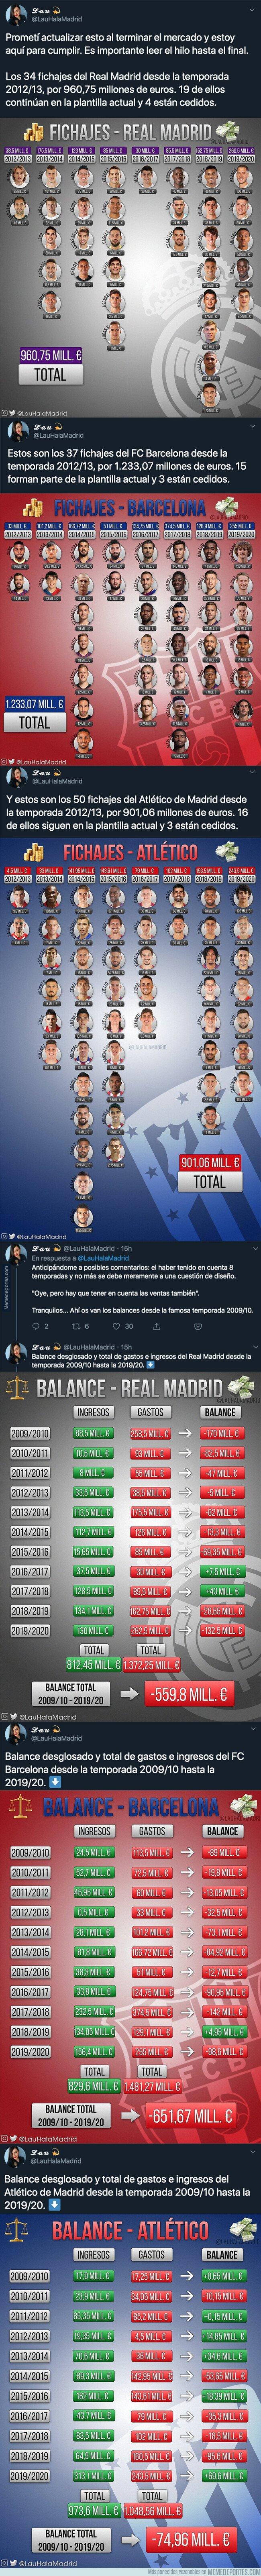 1084915 - Este es el pastizal que han gastado Barça, Real Madrid y Atlético de Madrid desde la temporada 2012/2013